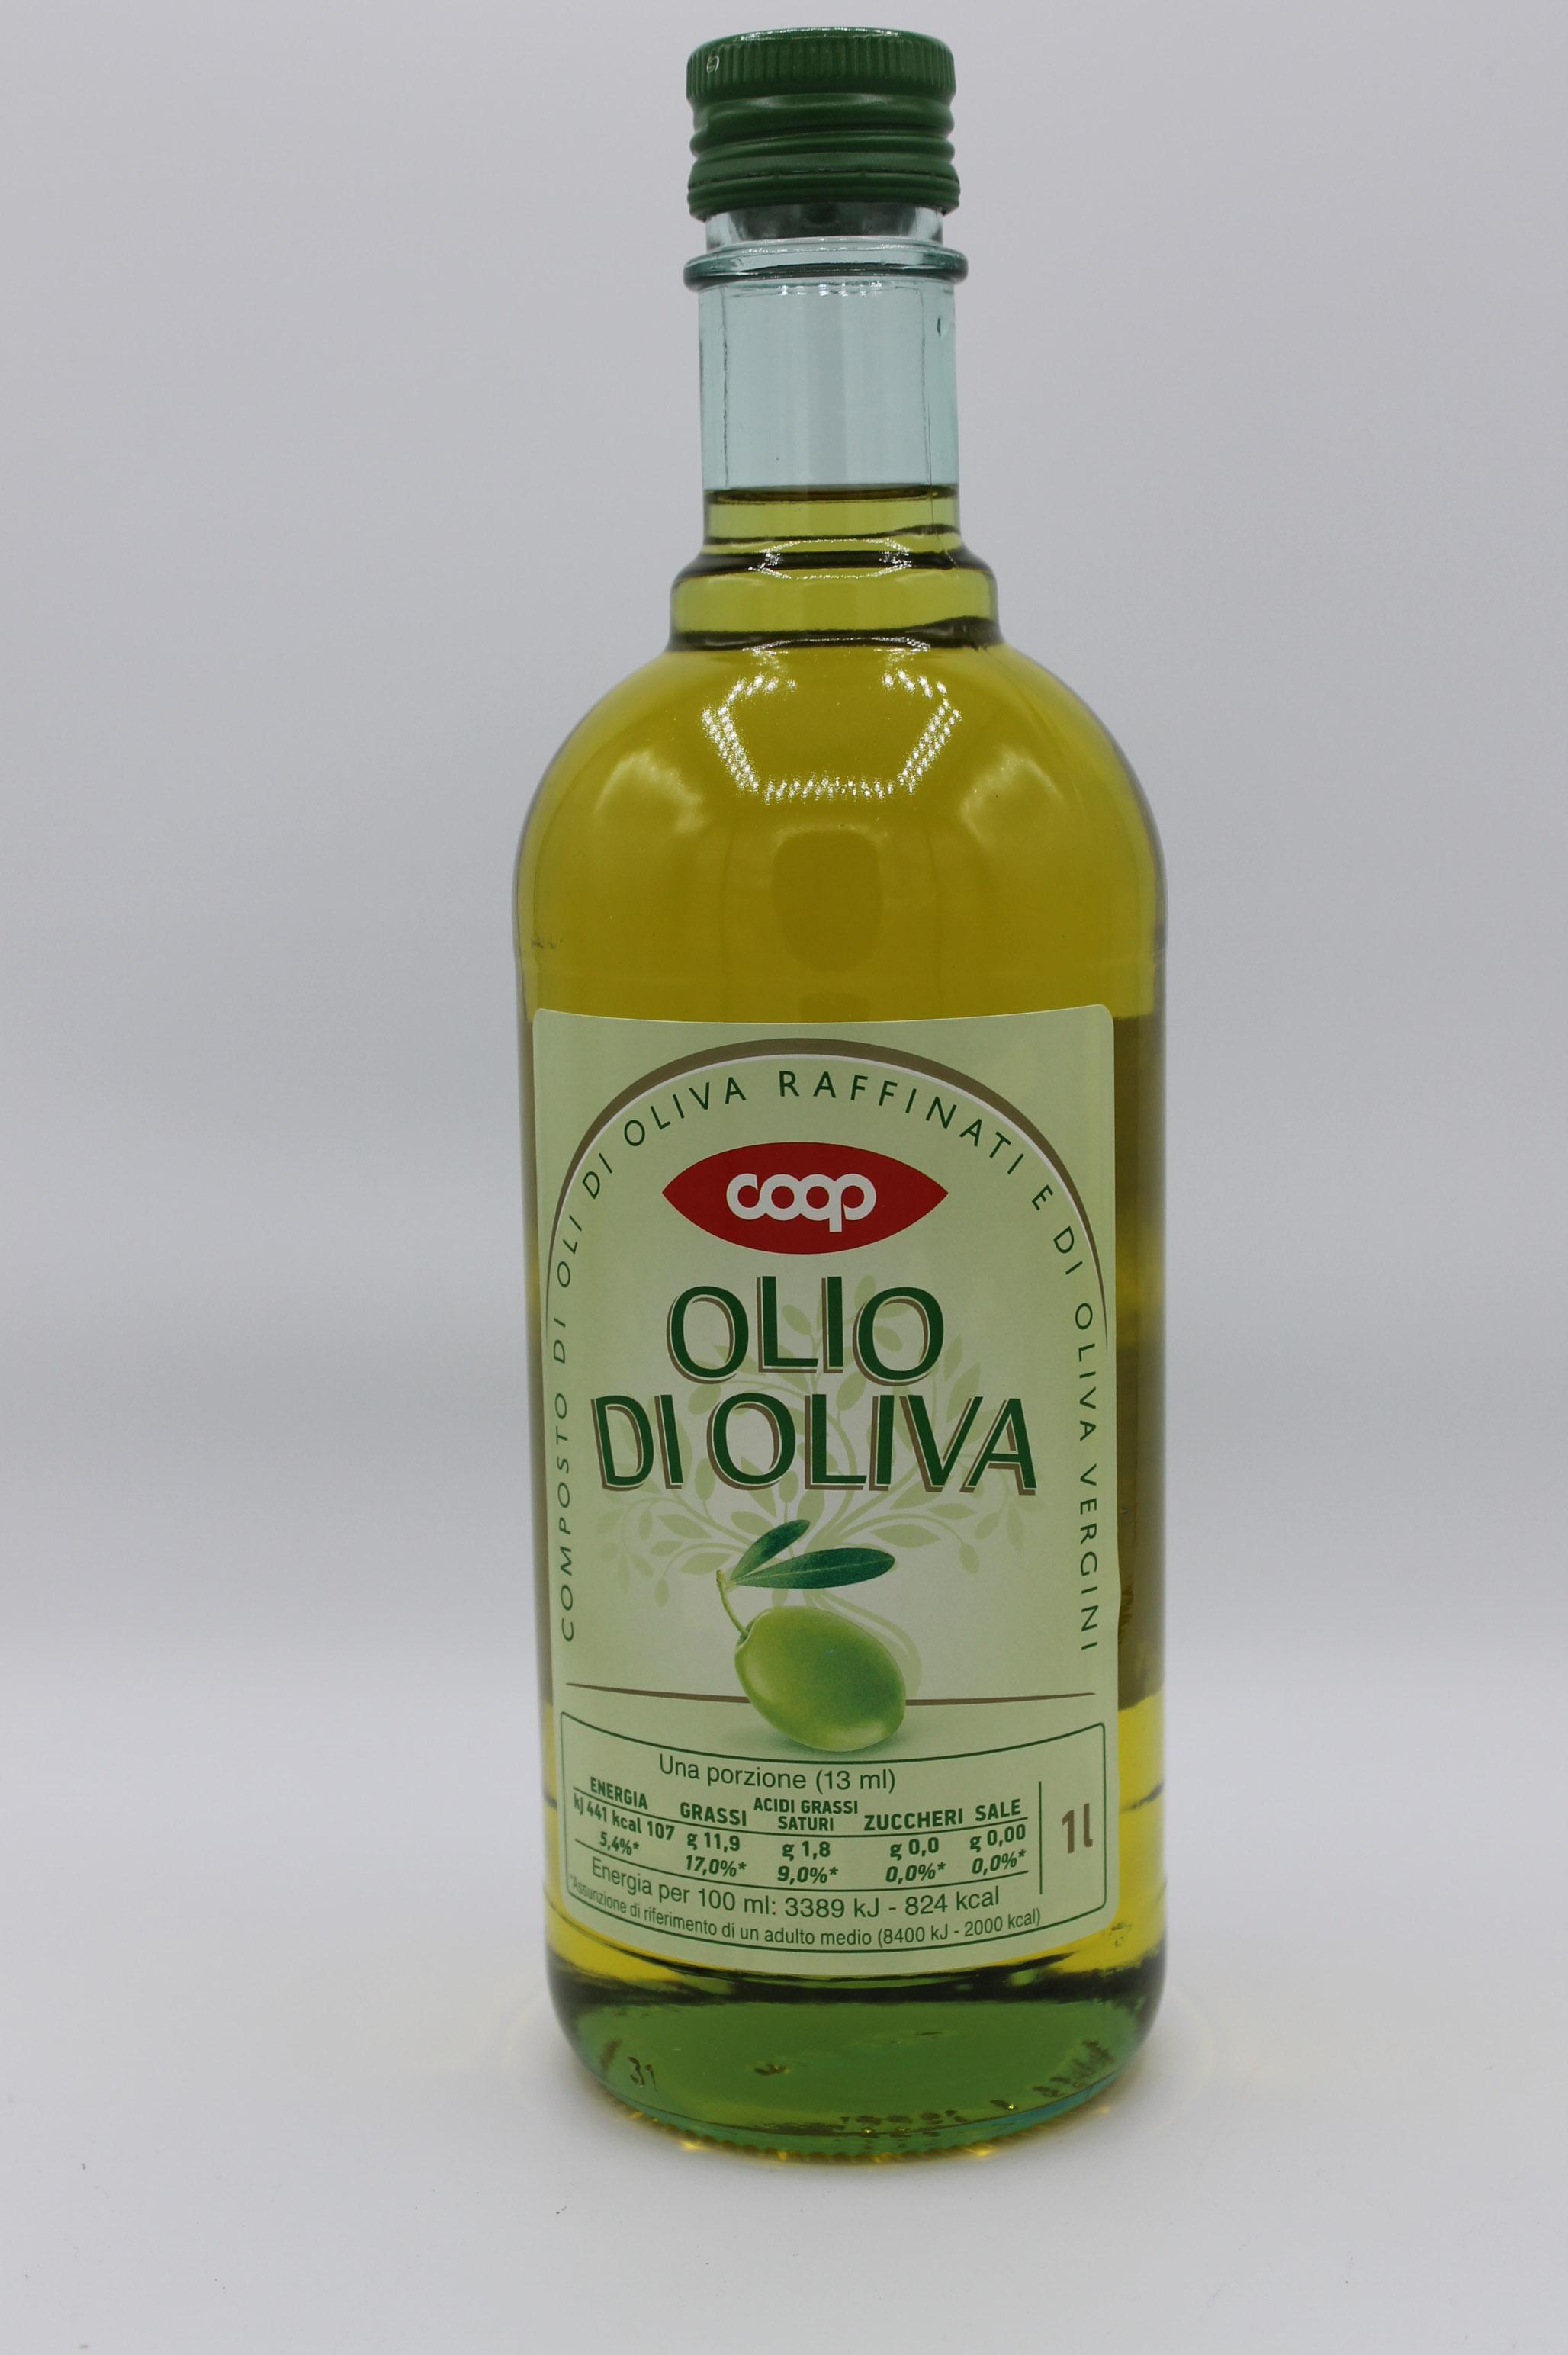 OLIO DI OLIVA COOP 1 LT.